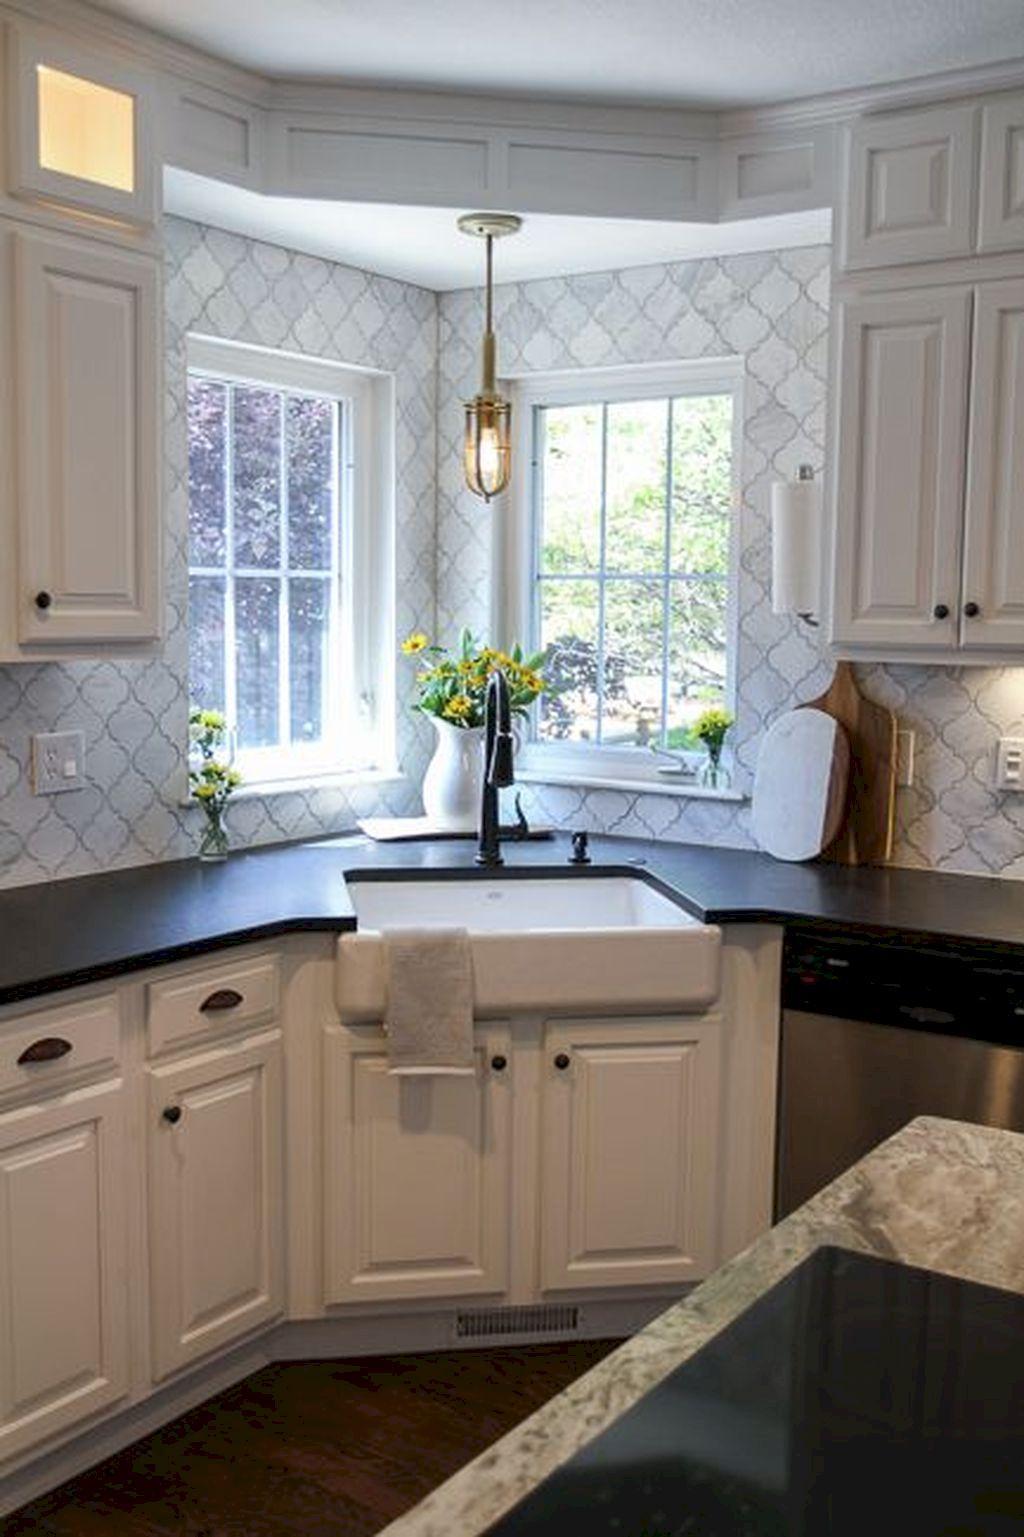 Corner window kitchen sink   beautiful white kitchen backsplash ideas  kitchen remodel